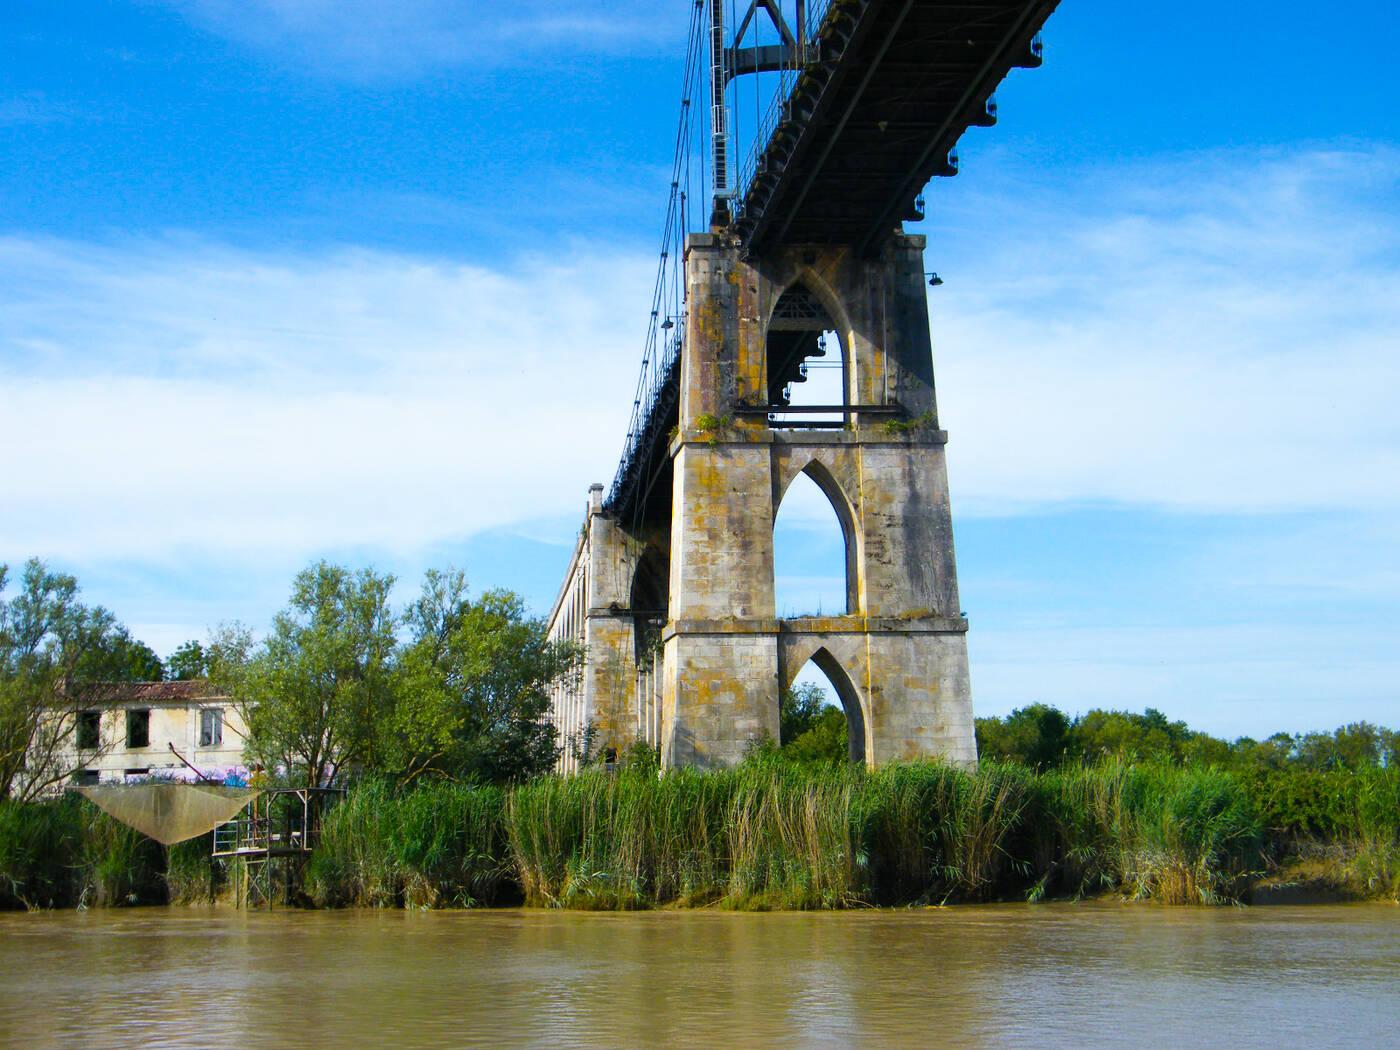 Le fleuve charente travers rochefort oc an office de tourisme de rochefort oc an vacances - Office du tourisme rochefort sur mer ...